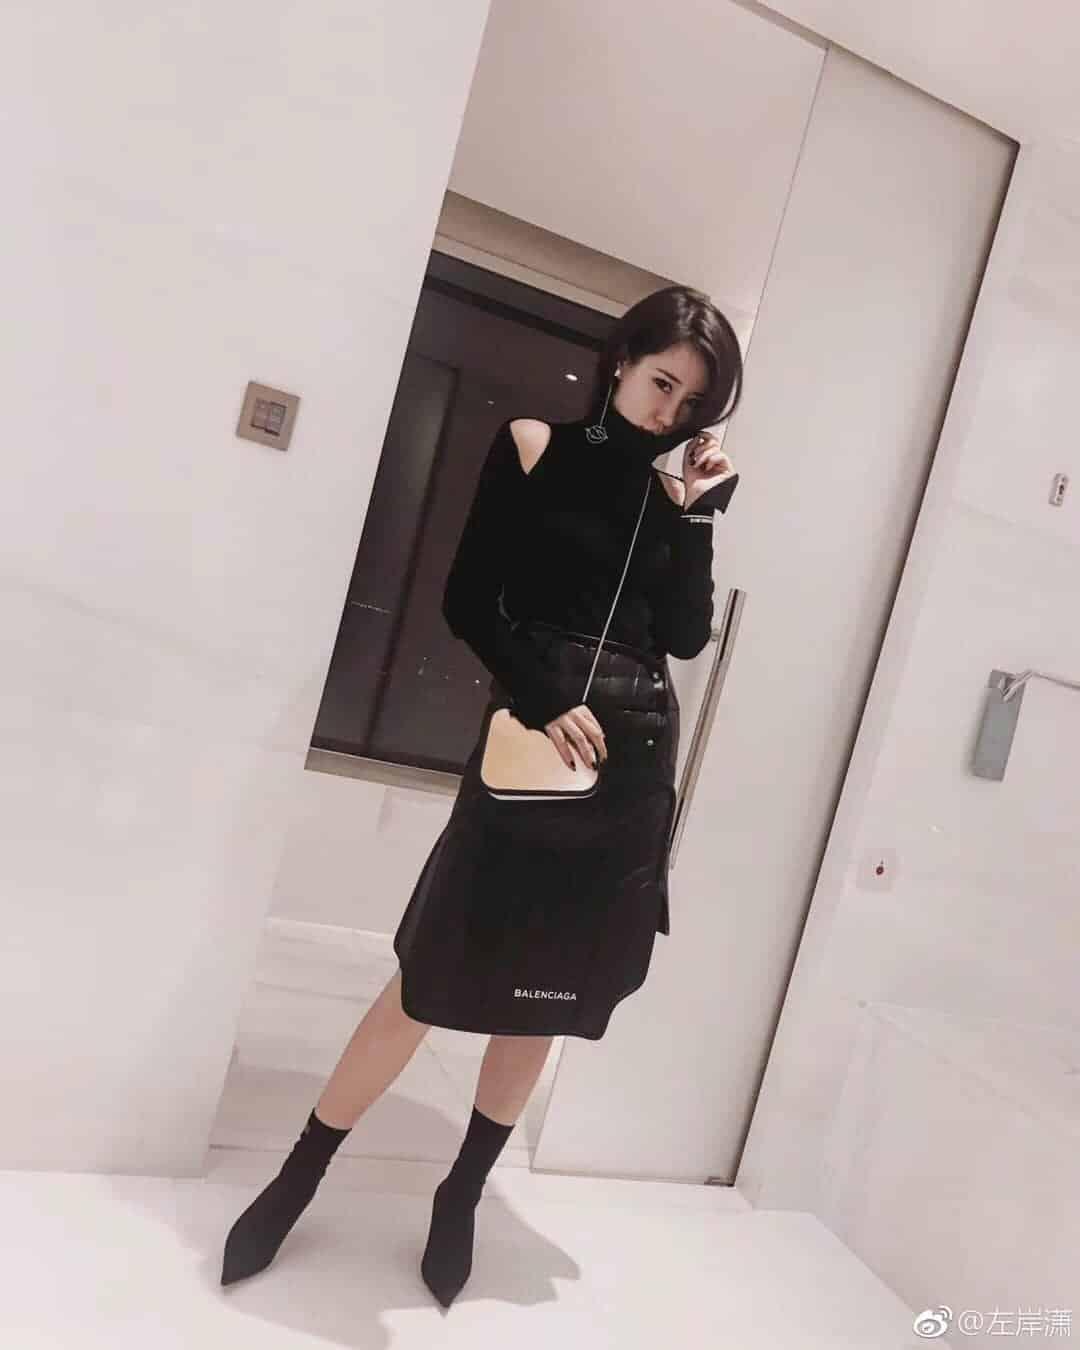 巴黎世家Balenciaga后视镜子包  2018走秀图 街拍上身图 时尚博主小白同款